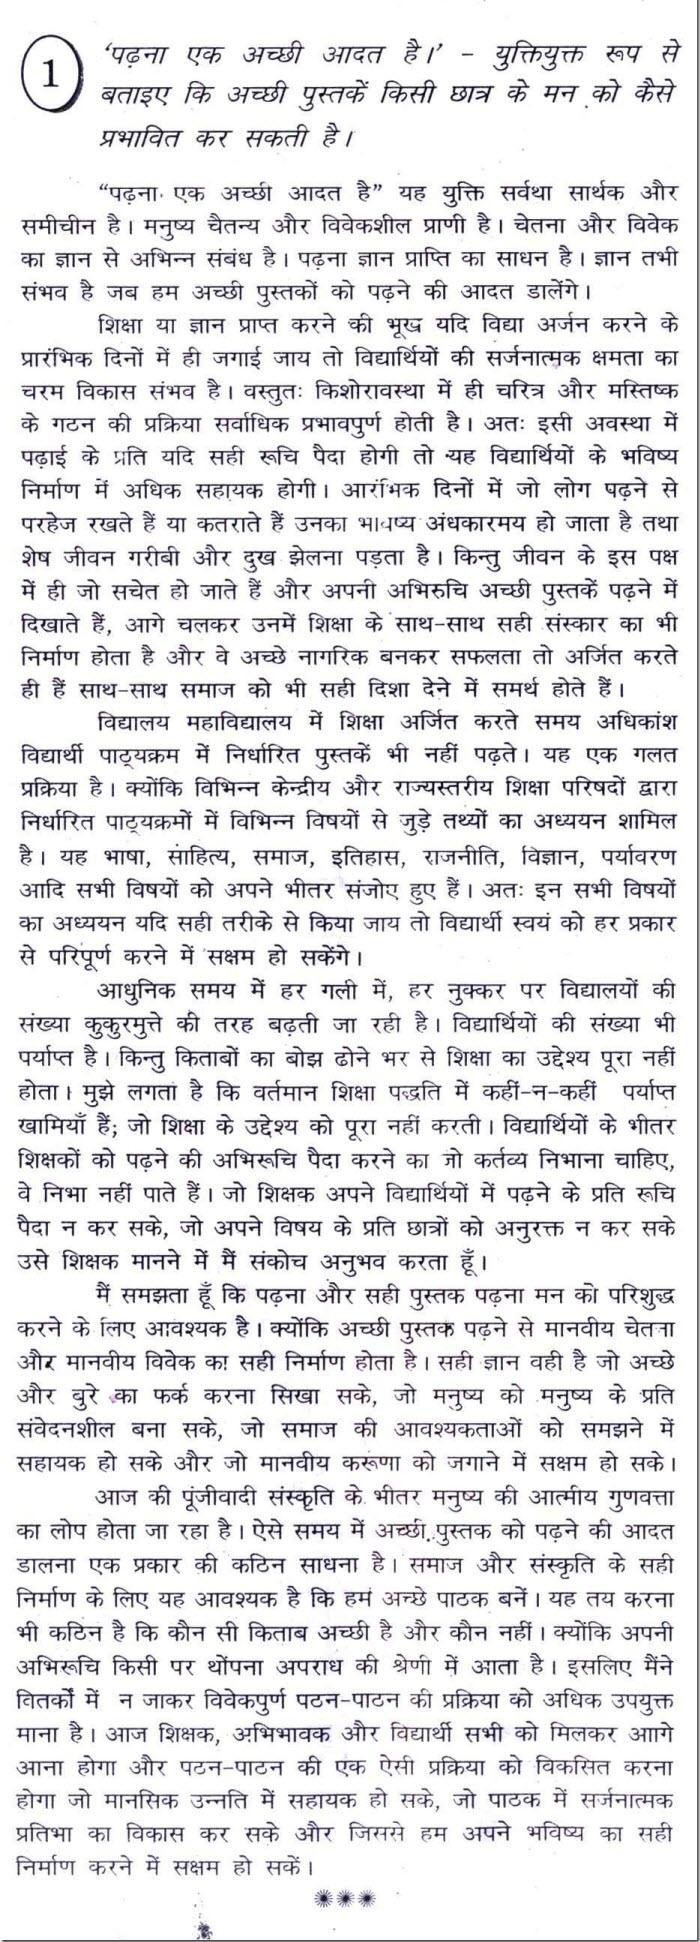 padhana ek achi adat hai achi aadat in hindi 10 achi aadatein in hindi few lines on achi aadatein in hindi 10 good habits for students in hindi acchi aadatein pustak padhne ki aadat anuched in hindi